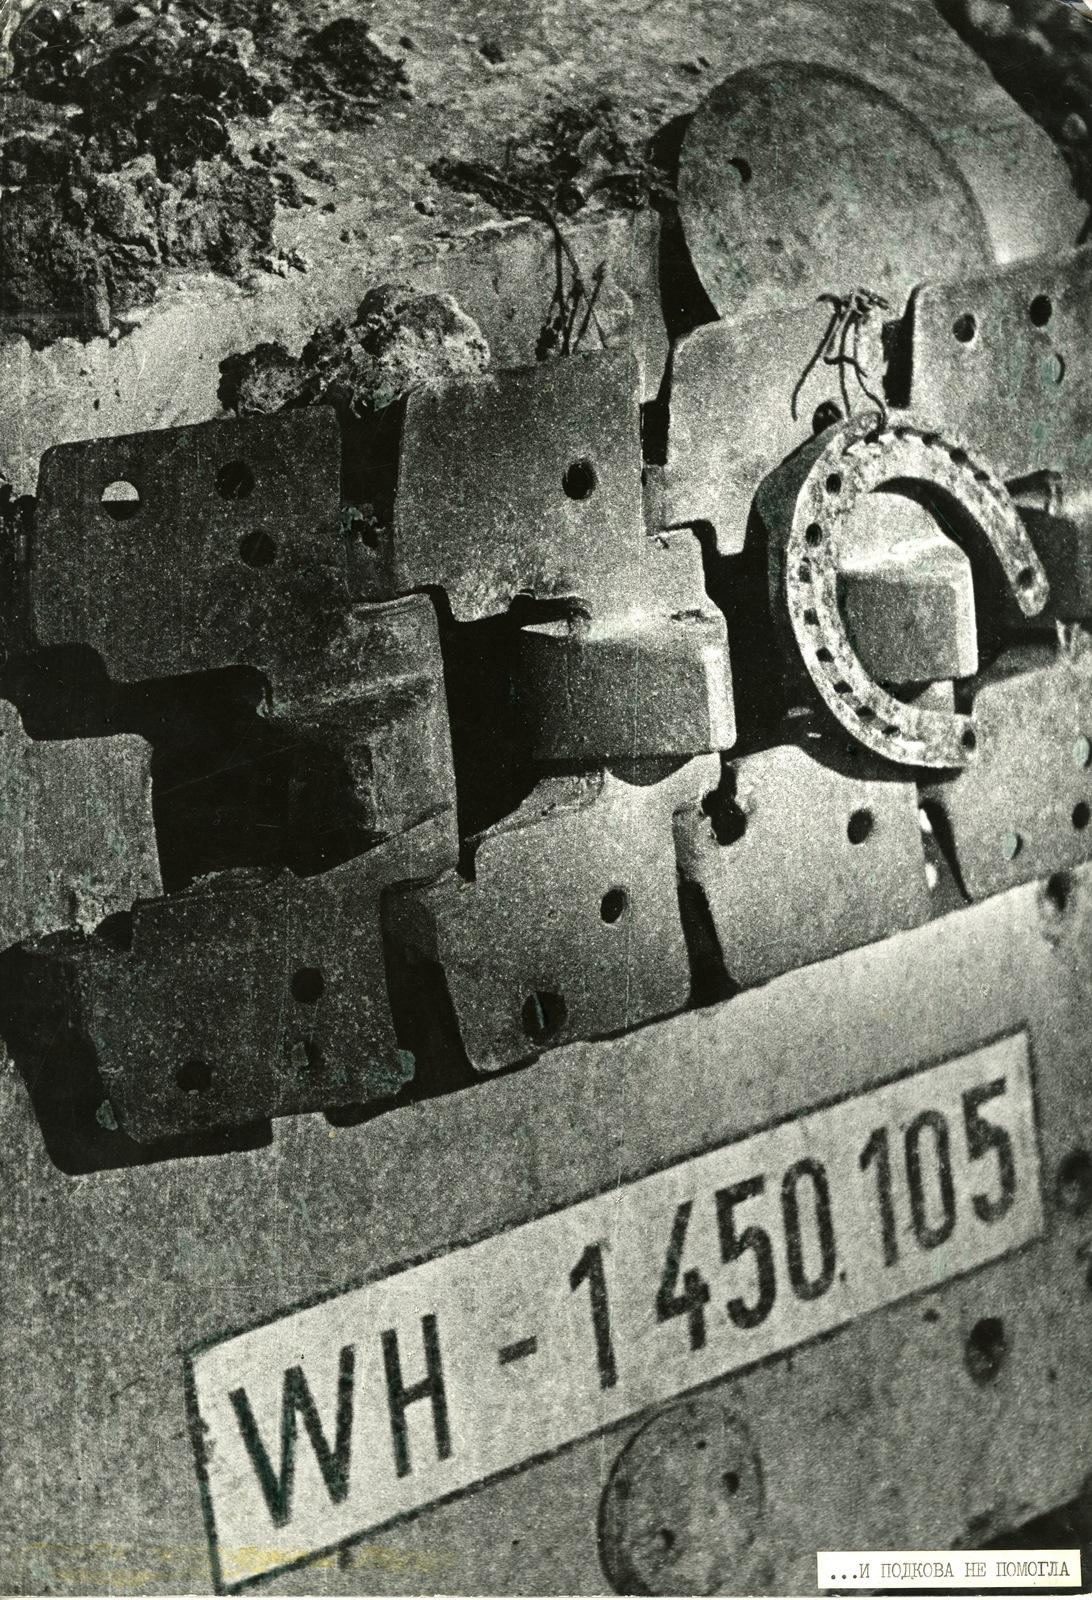 «И подкова не помогла». Восточная Пруссия. 1945 год. Автор Аркашев В. И. КОИХМ